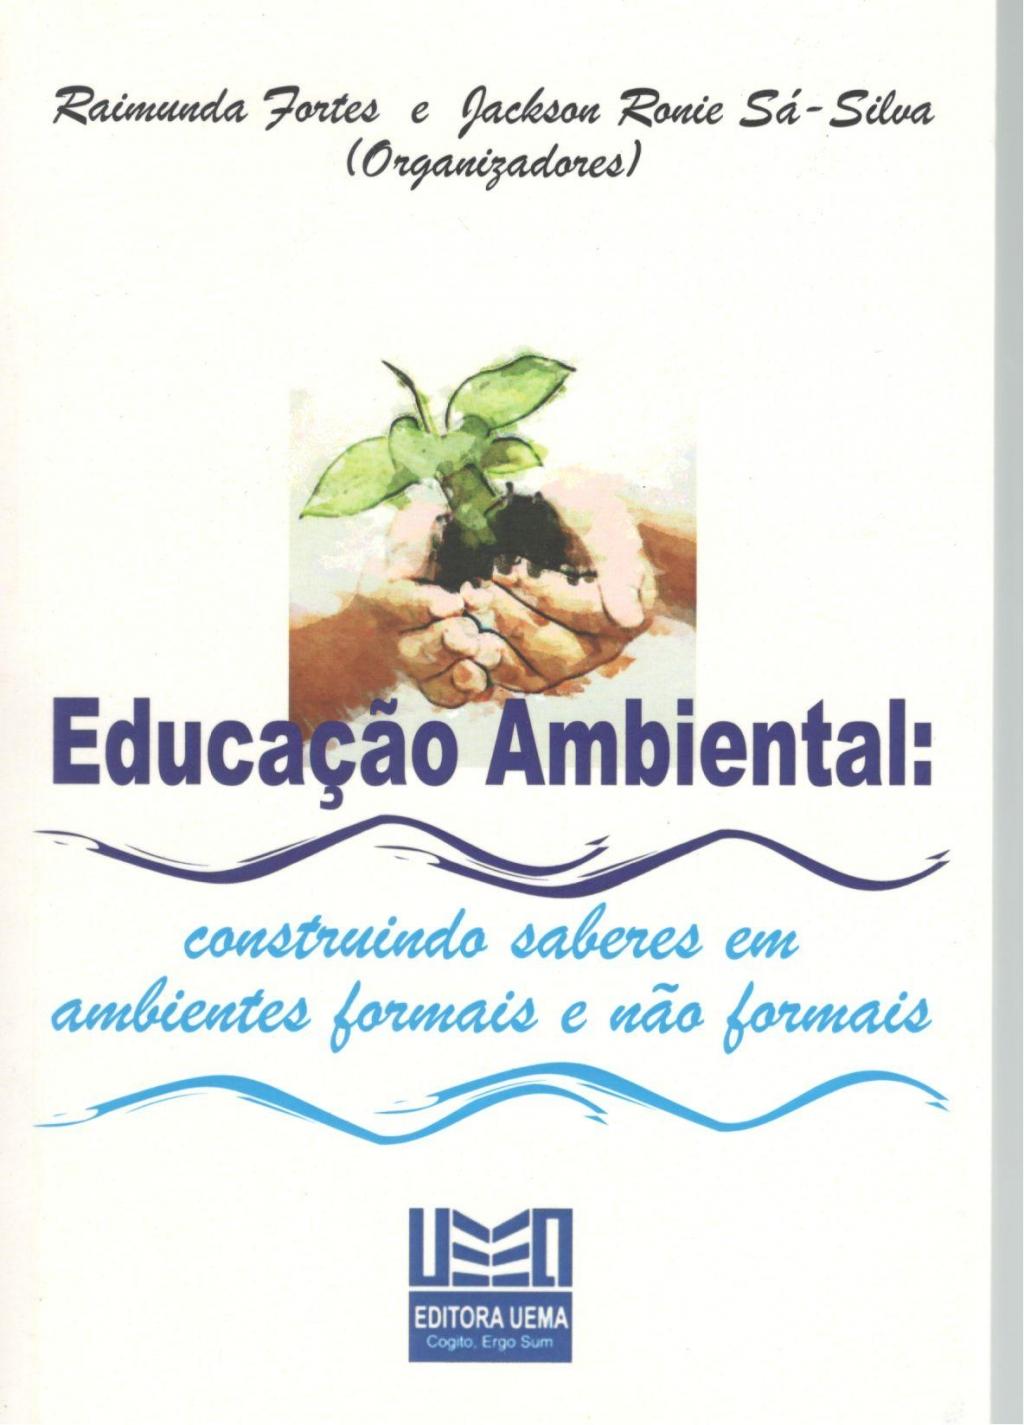 Educação ambiental construindo saberes em ambientes formais e não formais (DISPONÍVEL PARA DOWNLOAD)